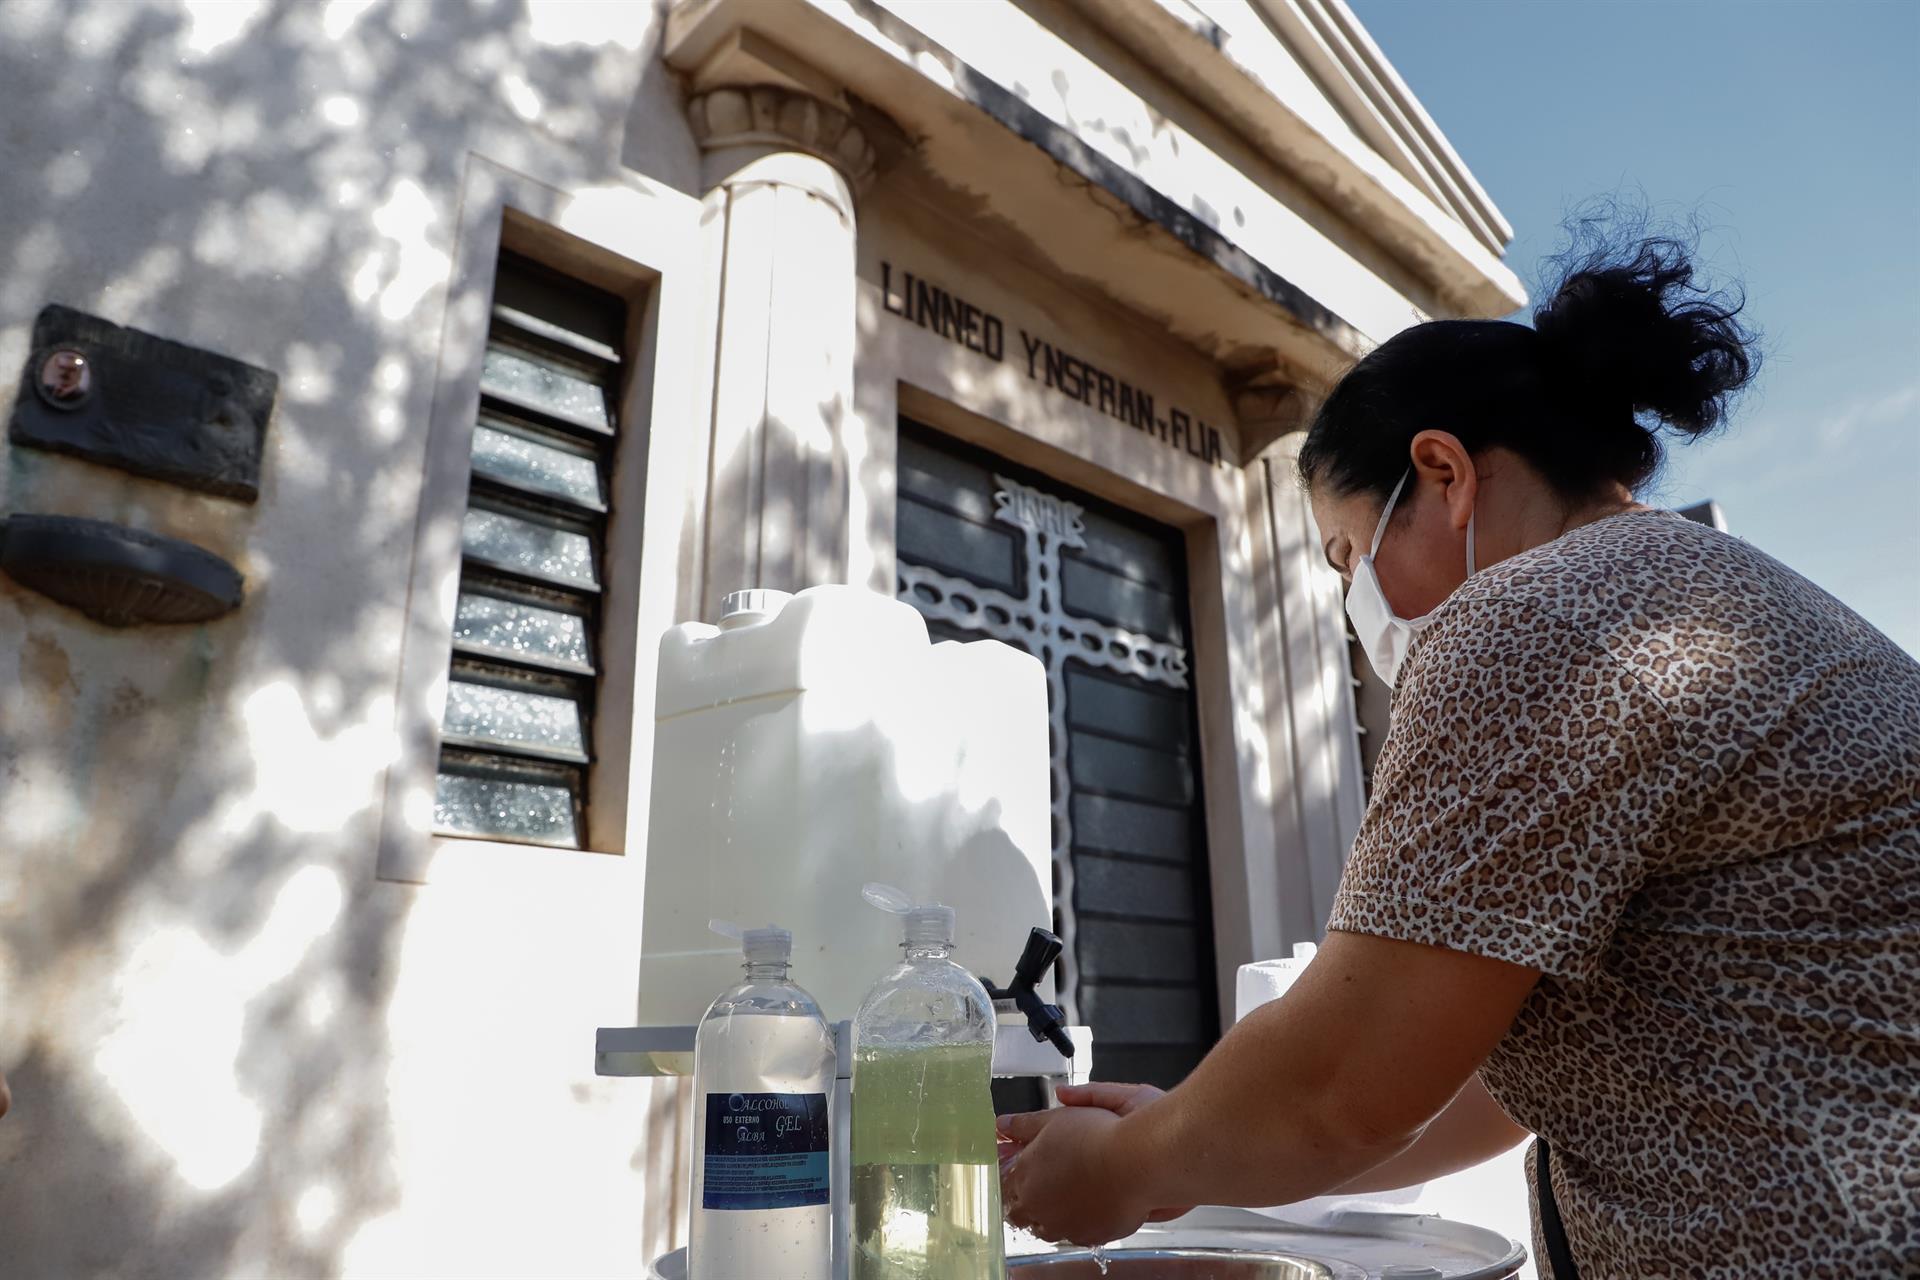 Imagen de archivo en la que se observa a una mujer lavando sus manos. EFE/Nathalia Aguilar